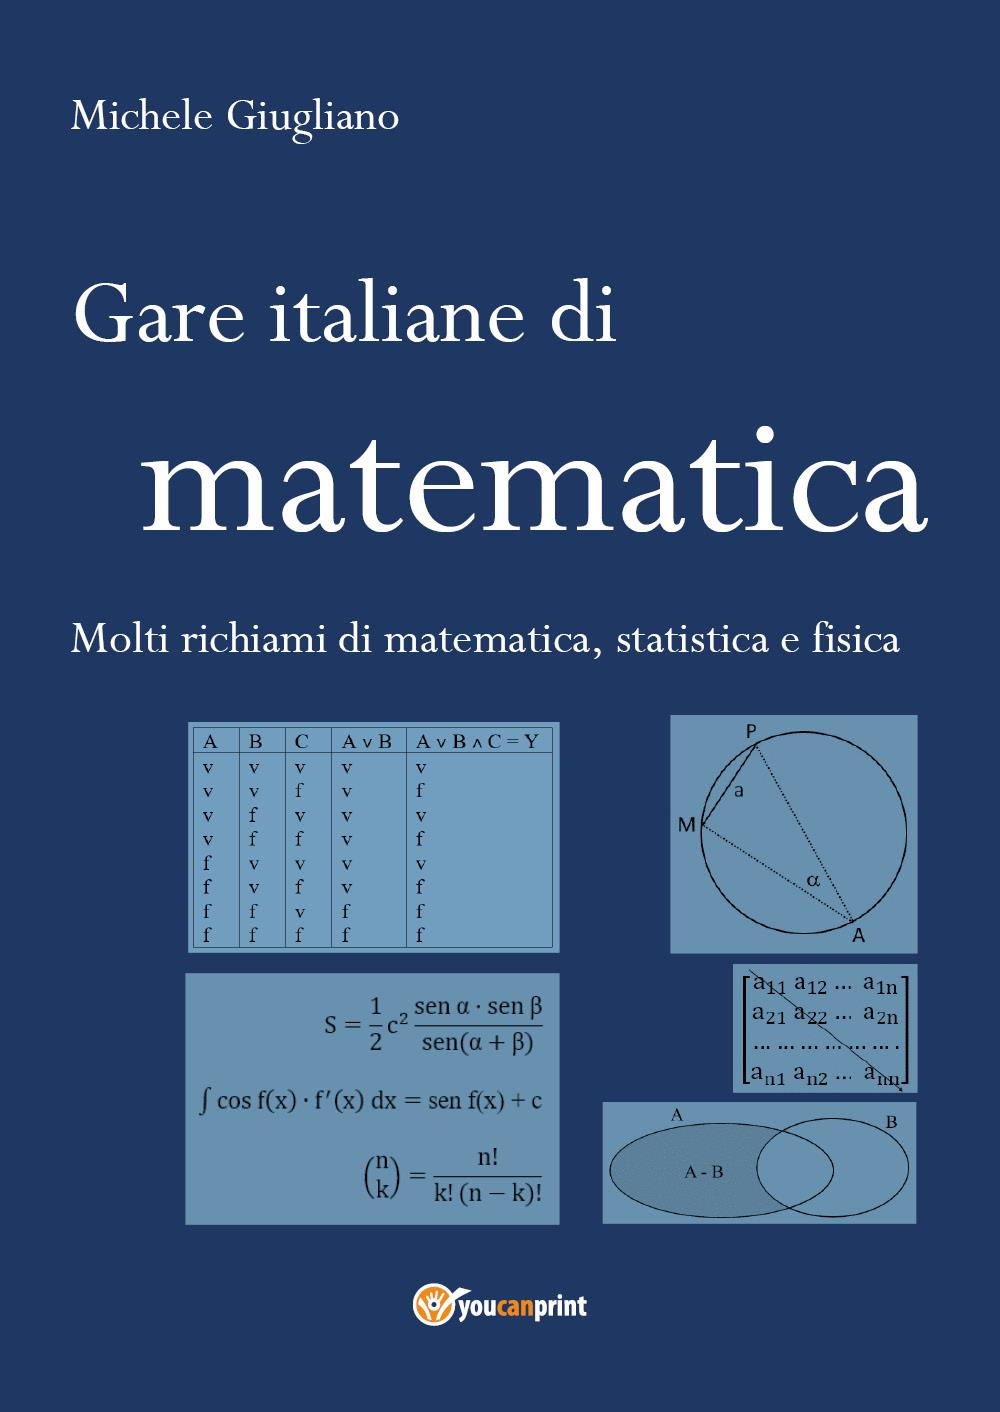 Gare italiane di matematica